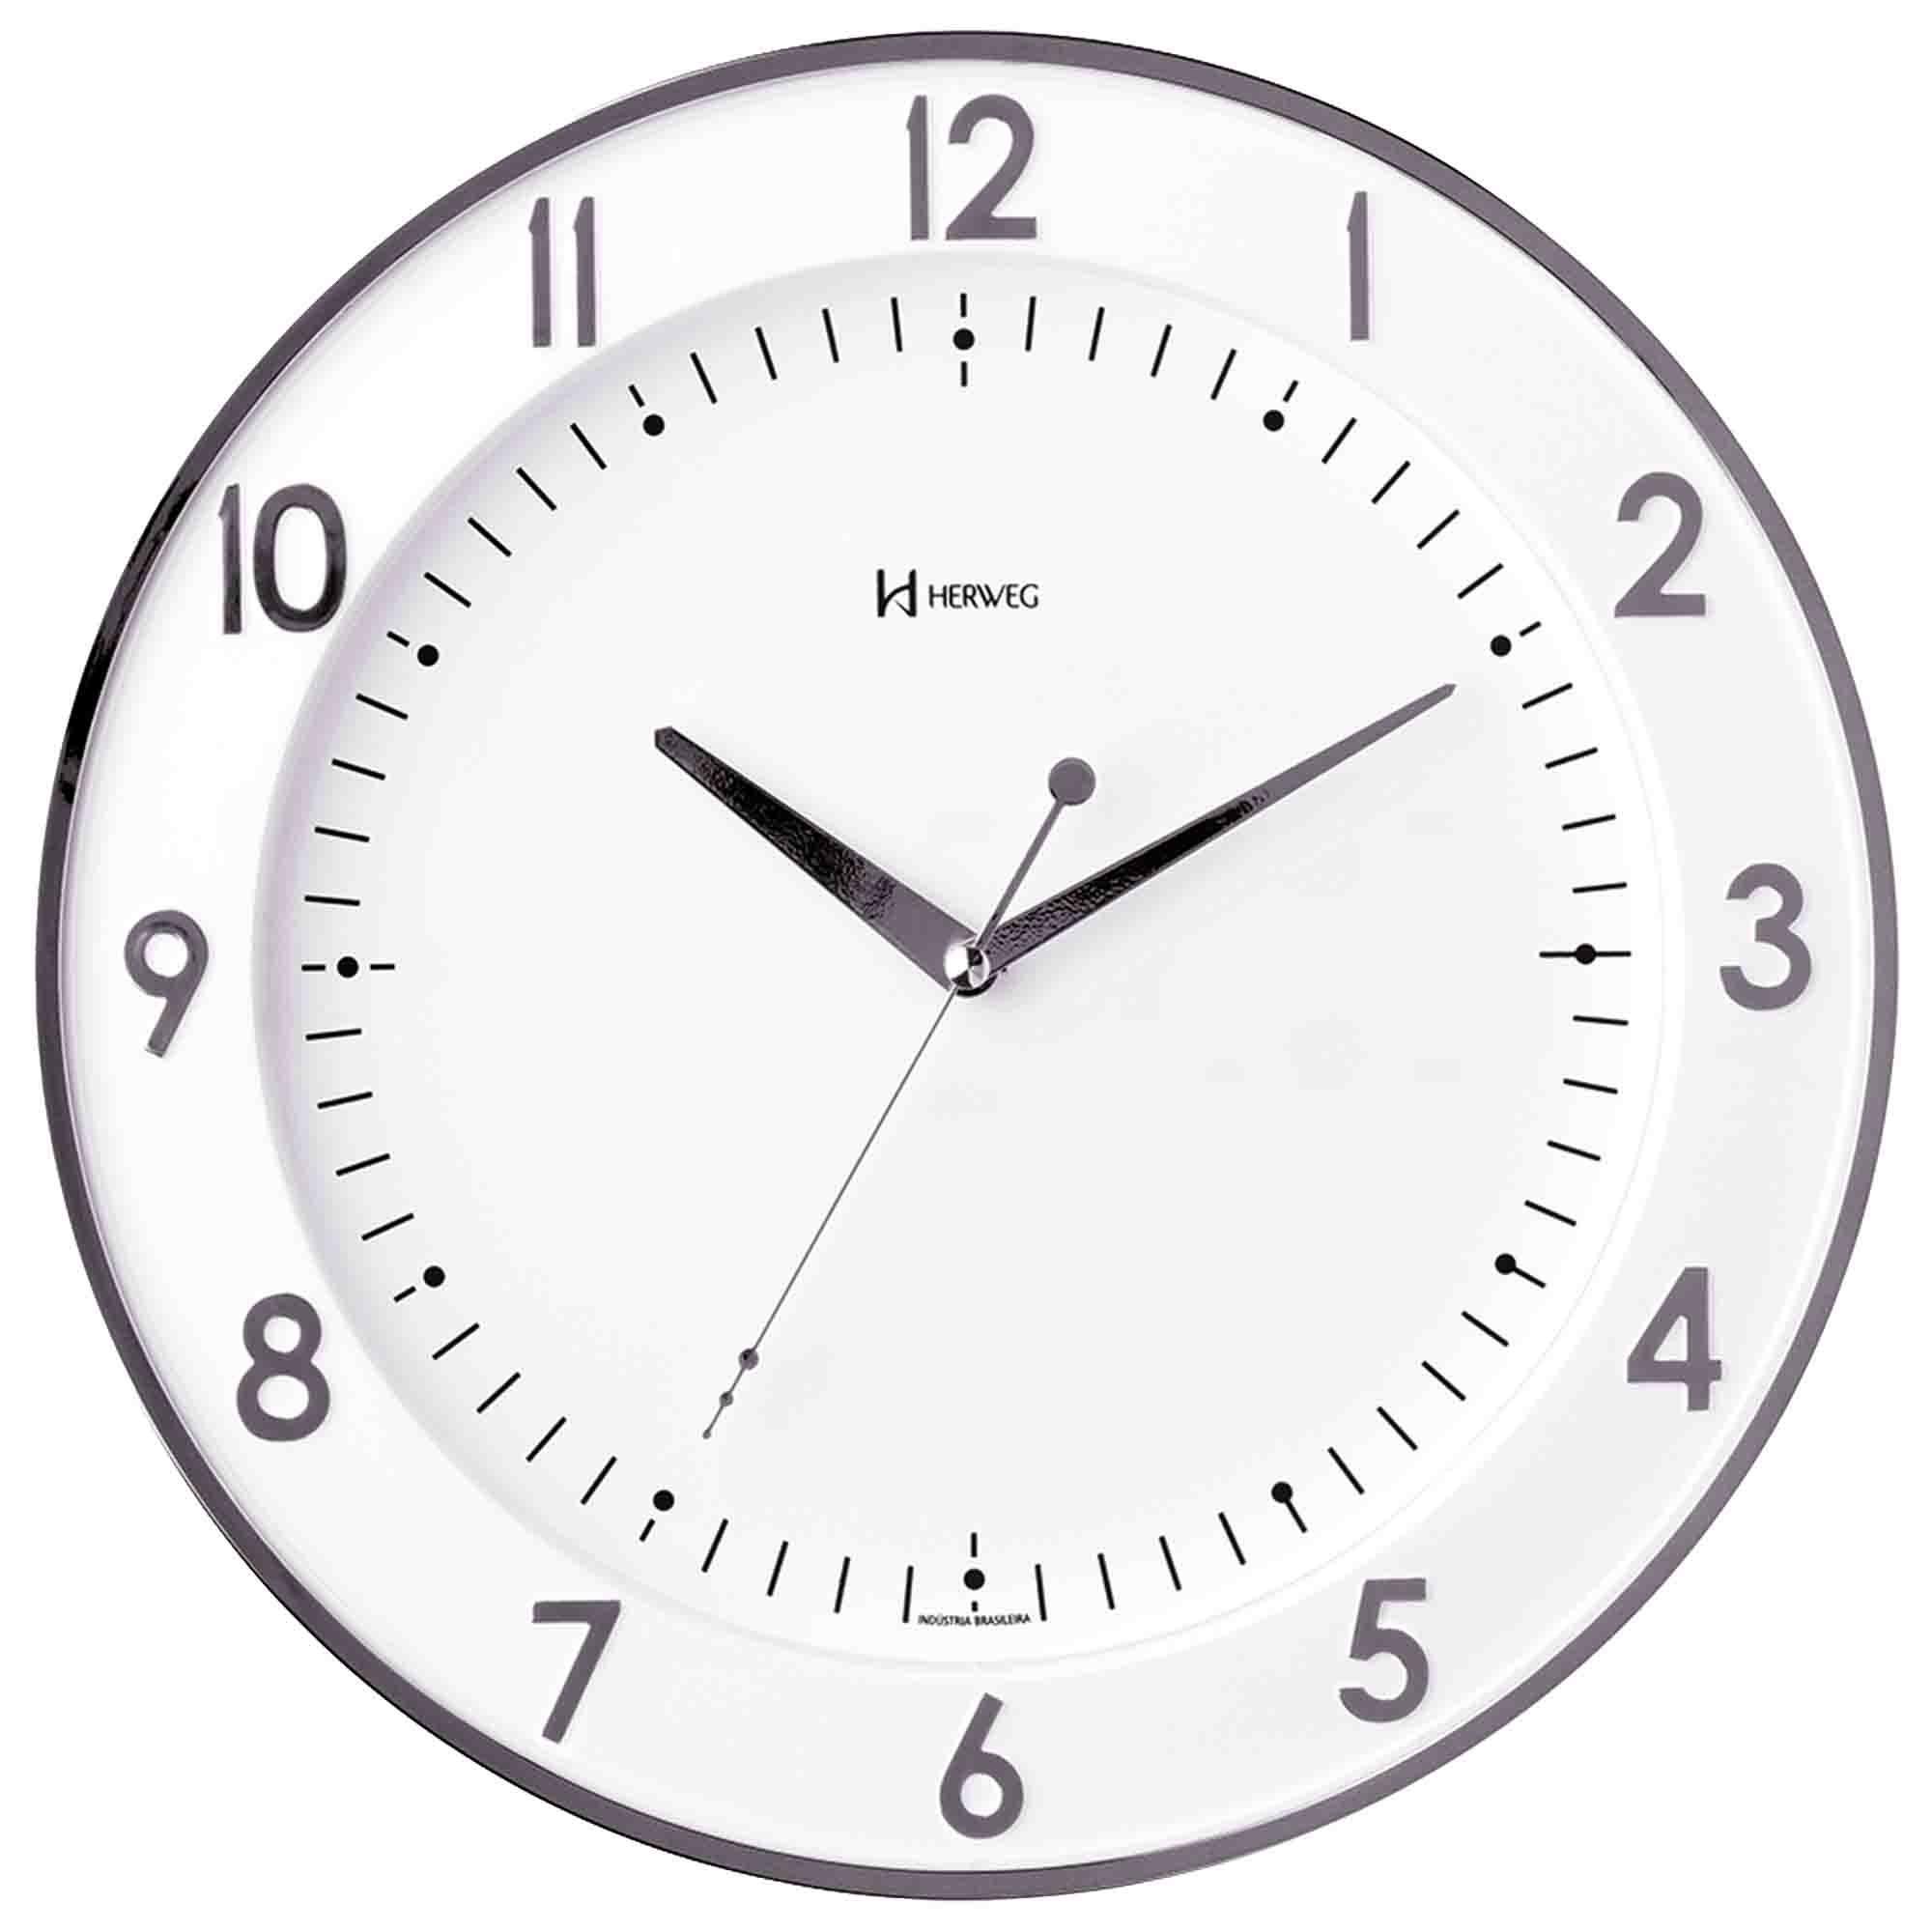 Relógio de Parede Analógico Herweg 6806 028 Cromado